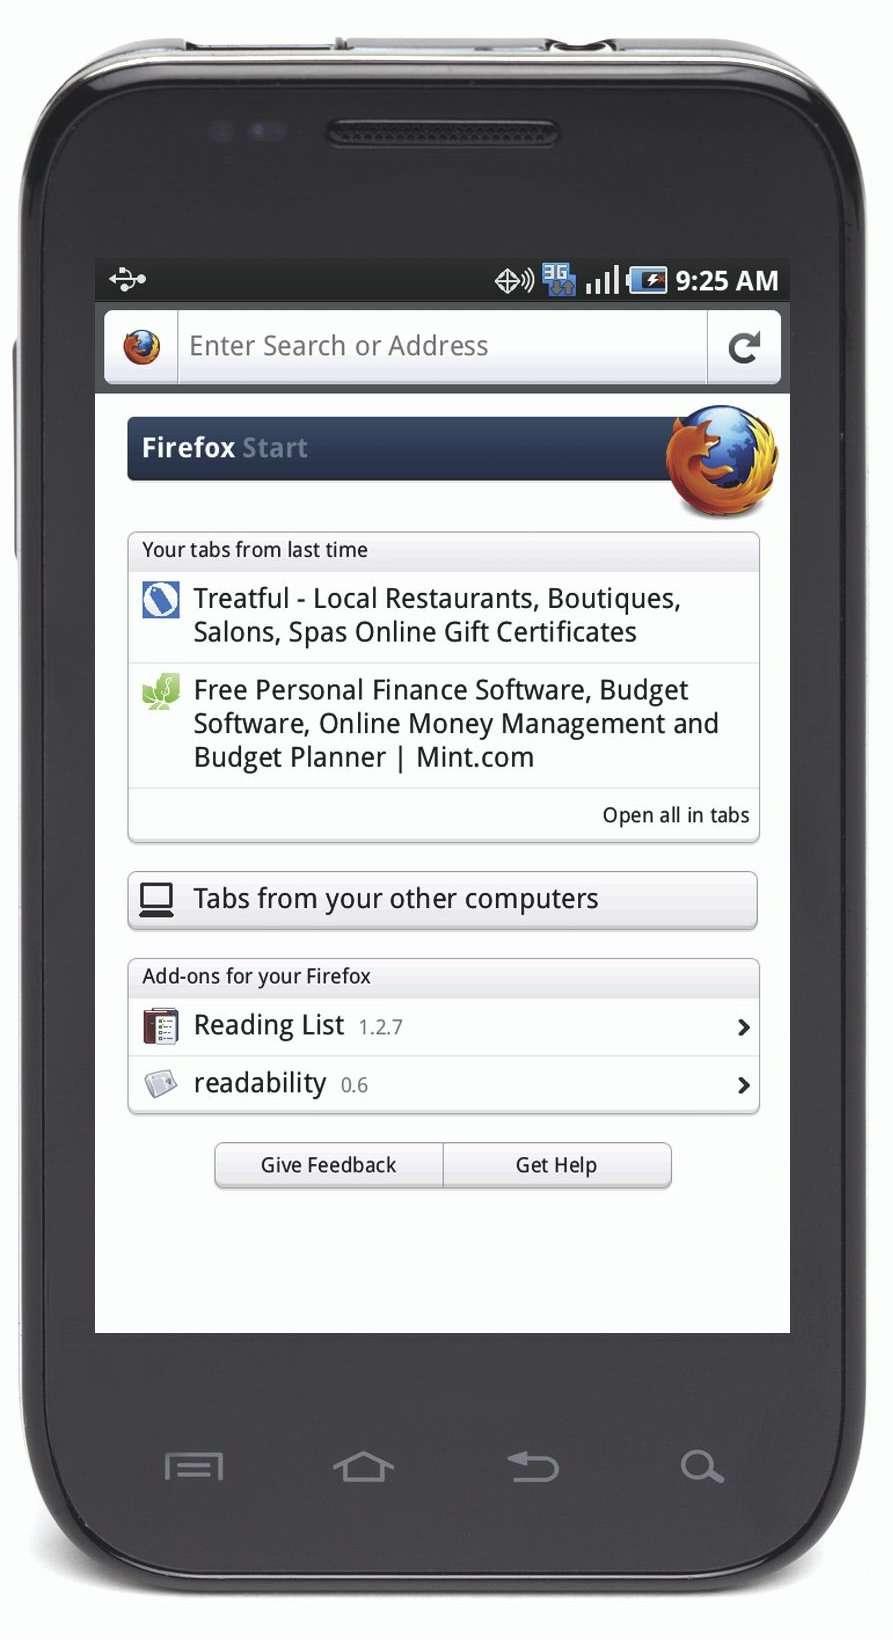 Le navigateur Firefox 4 sur un mobile Android. © Mozilla